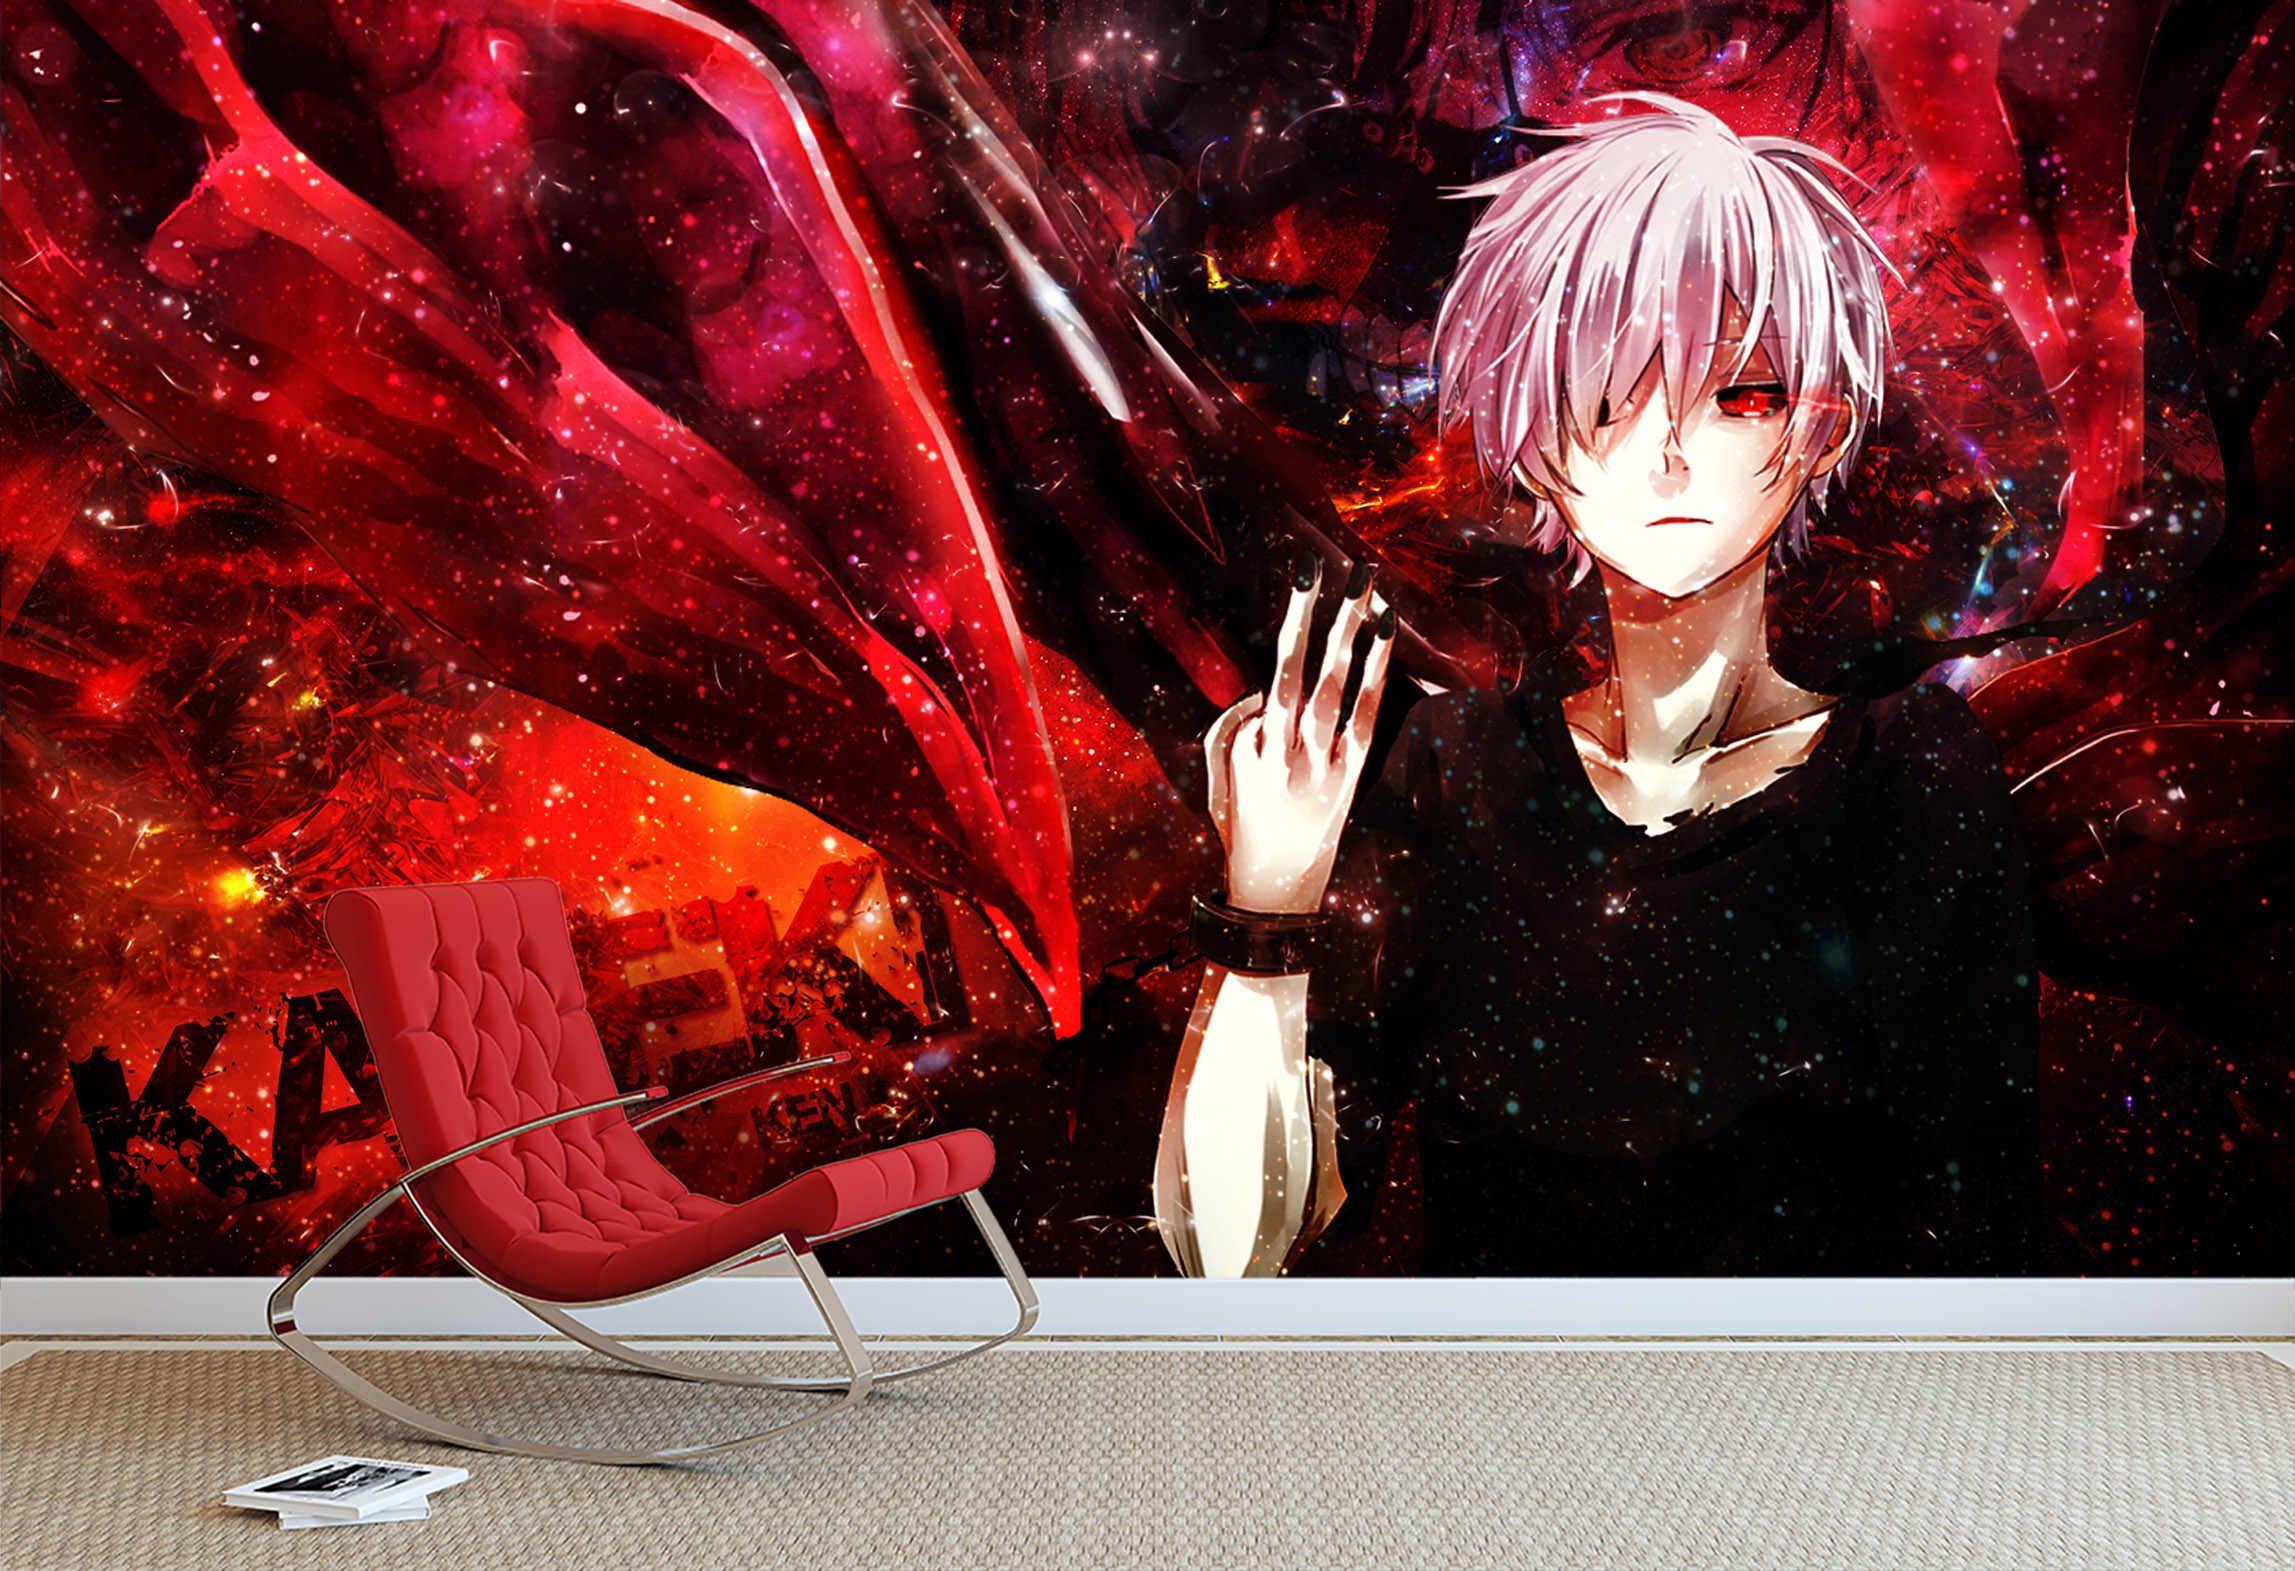 自己粘着 3d 東京グール 30650 日本アニメ壁紙壁画壁印刷デカール壁の